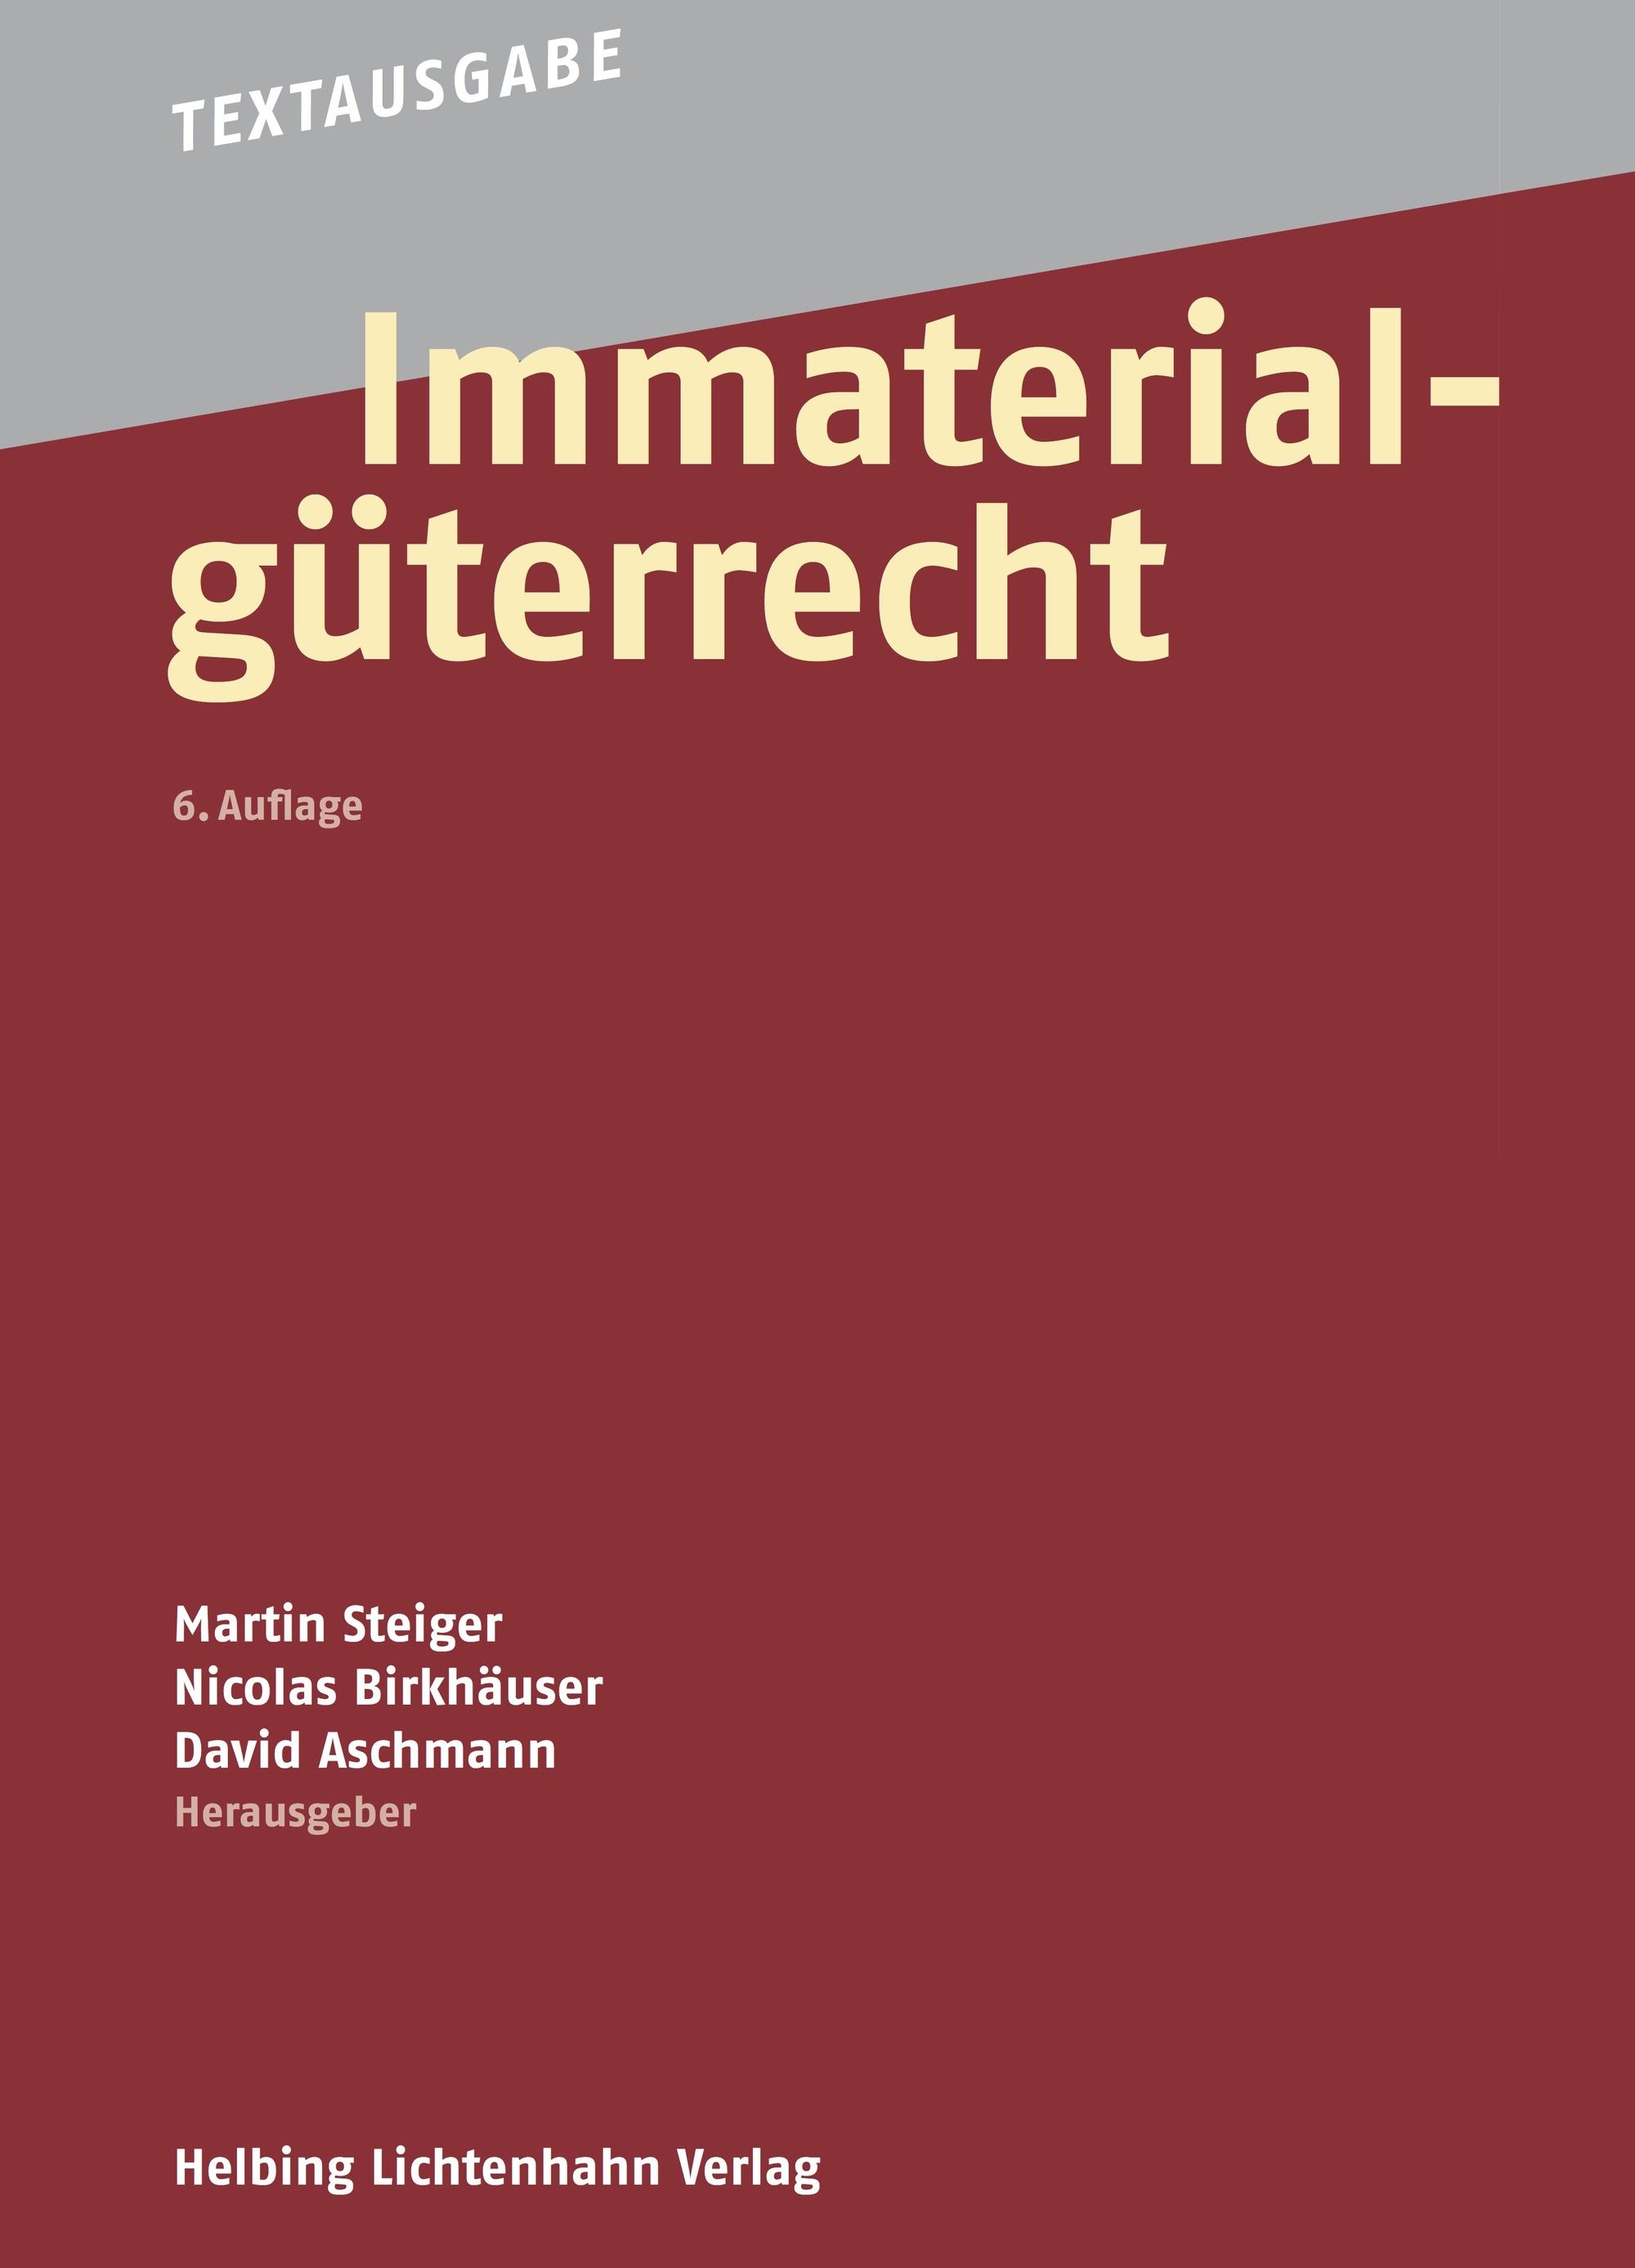 Bild: Frontseite der Textausgabe Immaterialgüterrecht in sechster Auflage